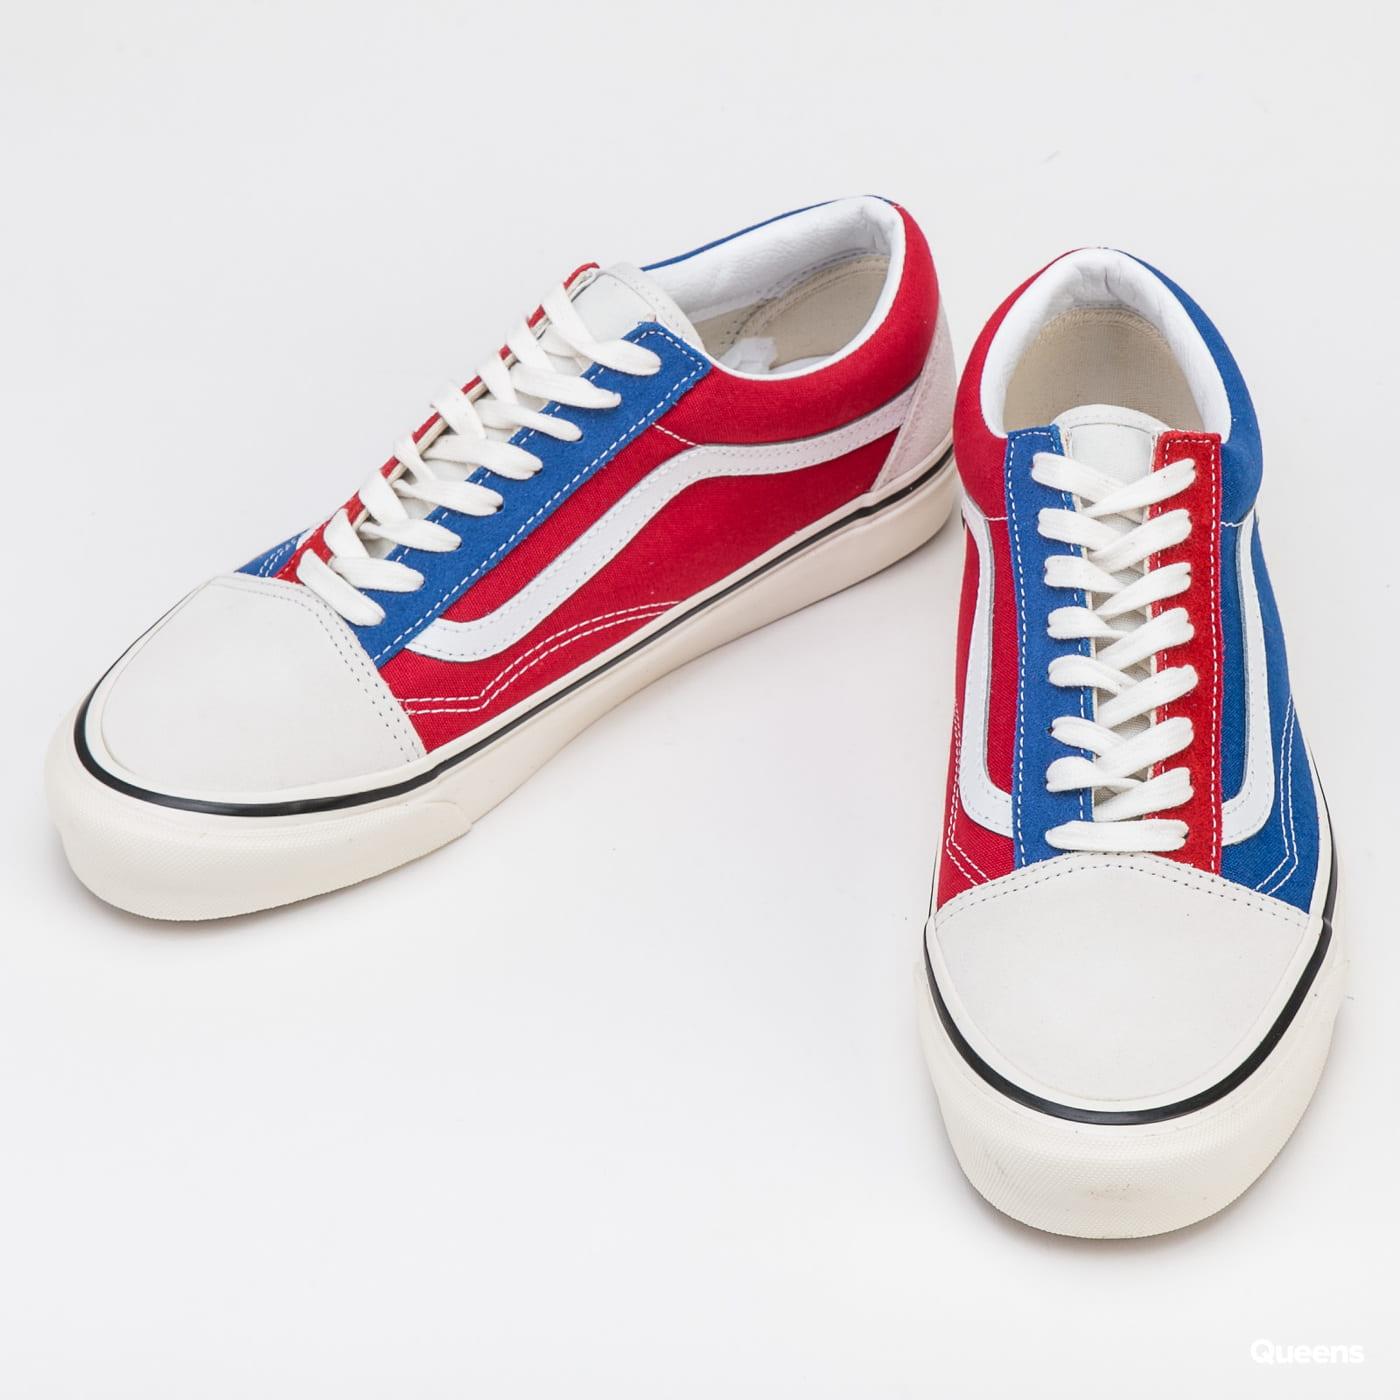 Sneakers Vans Old Skool 36 DX (anaheim